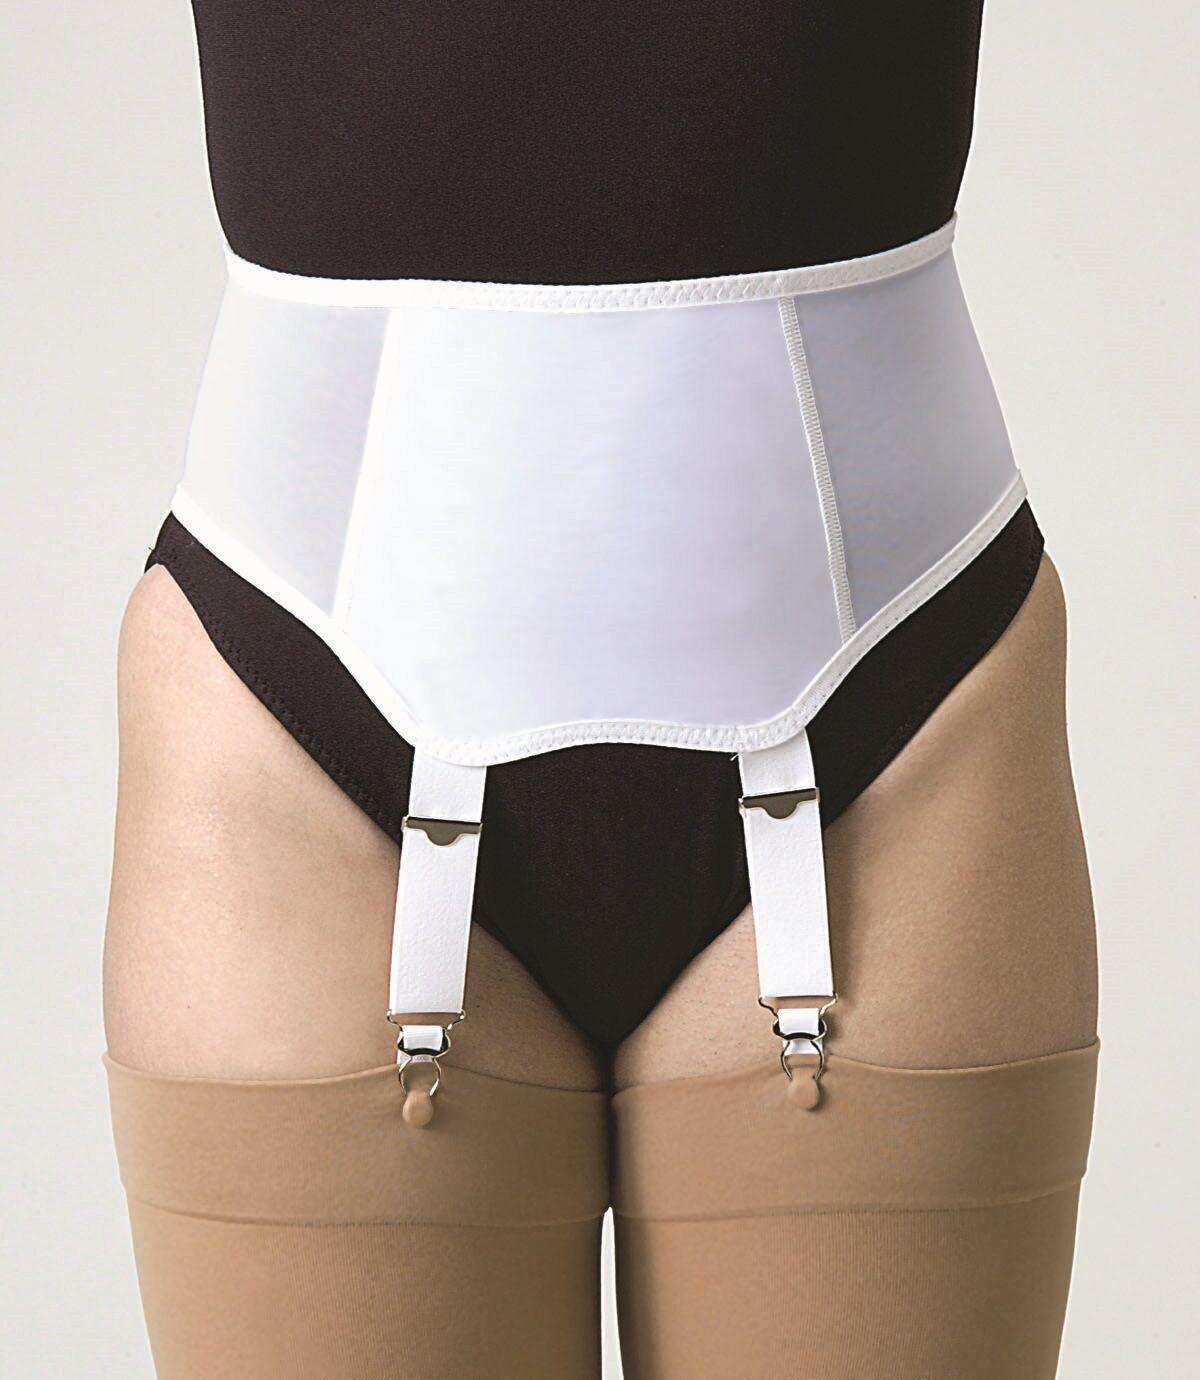 Garter Belt Adjustable Stockings Supports Compression Socks Waist Hold Up Holder